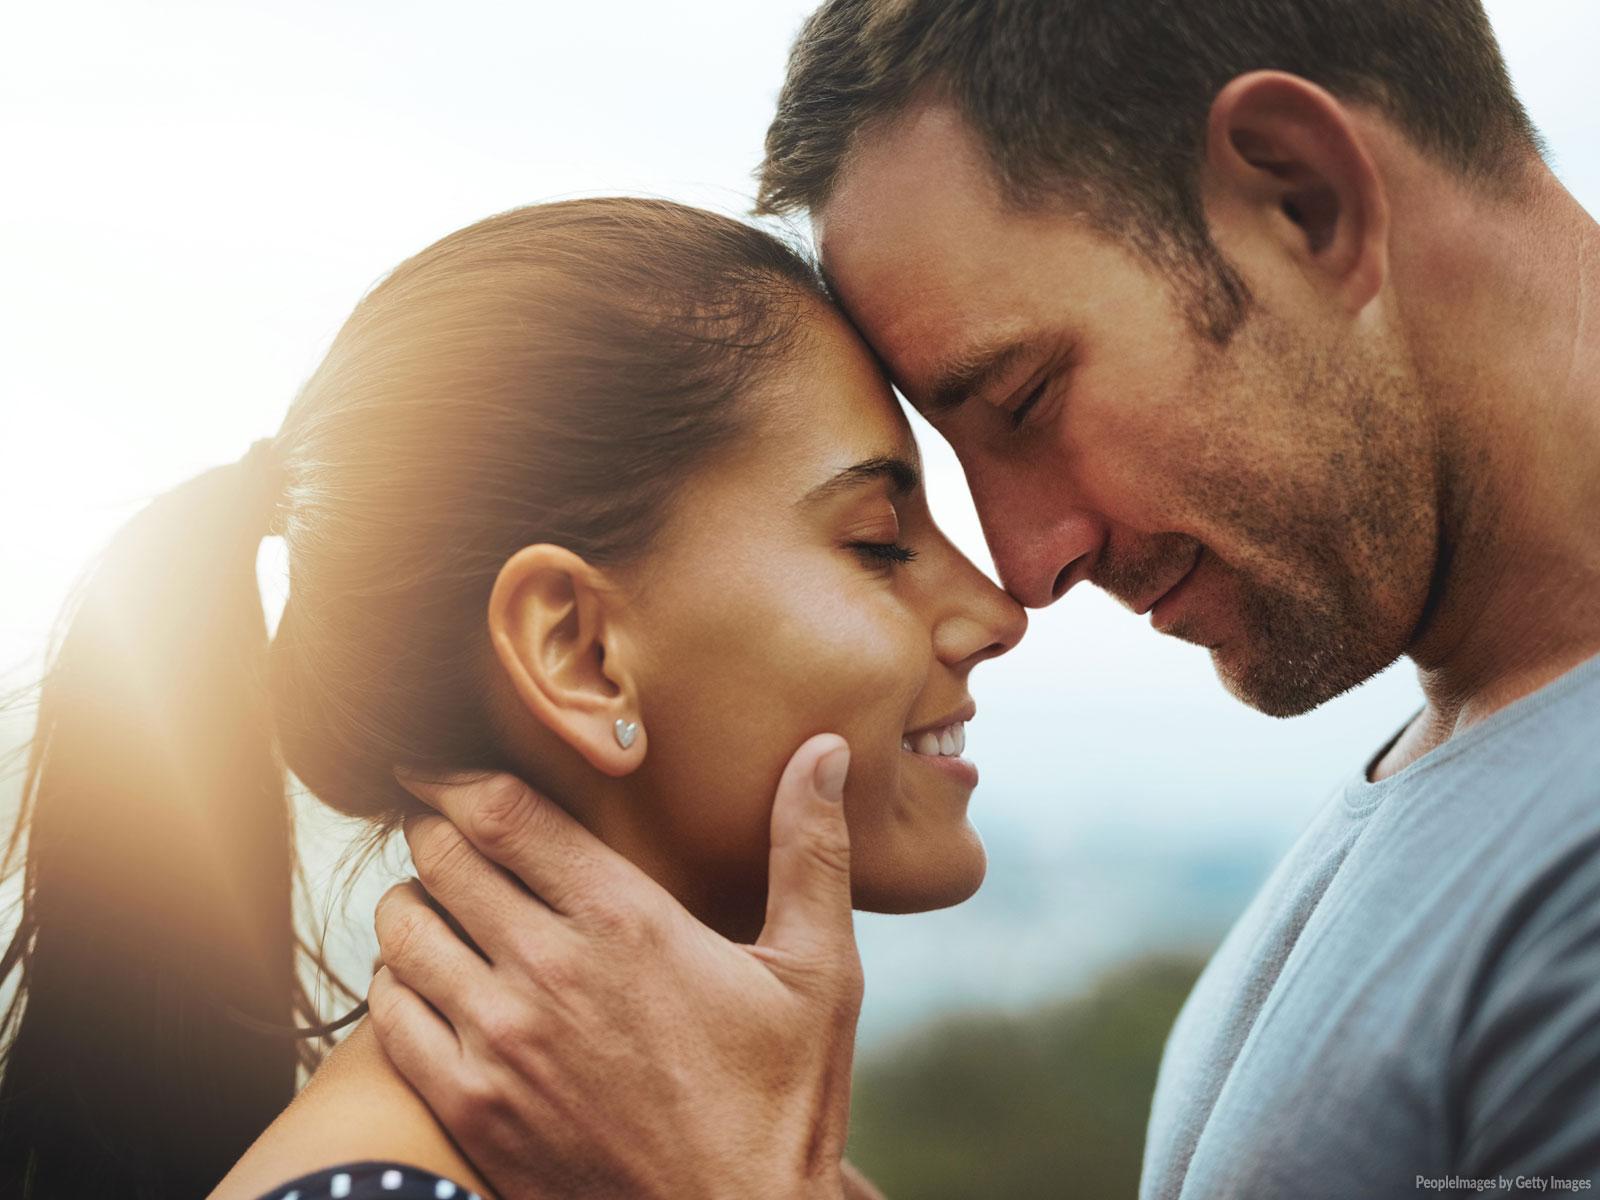 Namoro e noivado não conferem direitos de casamento